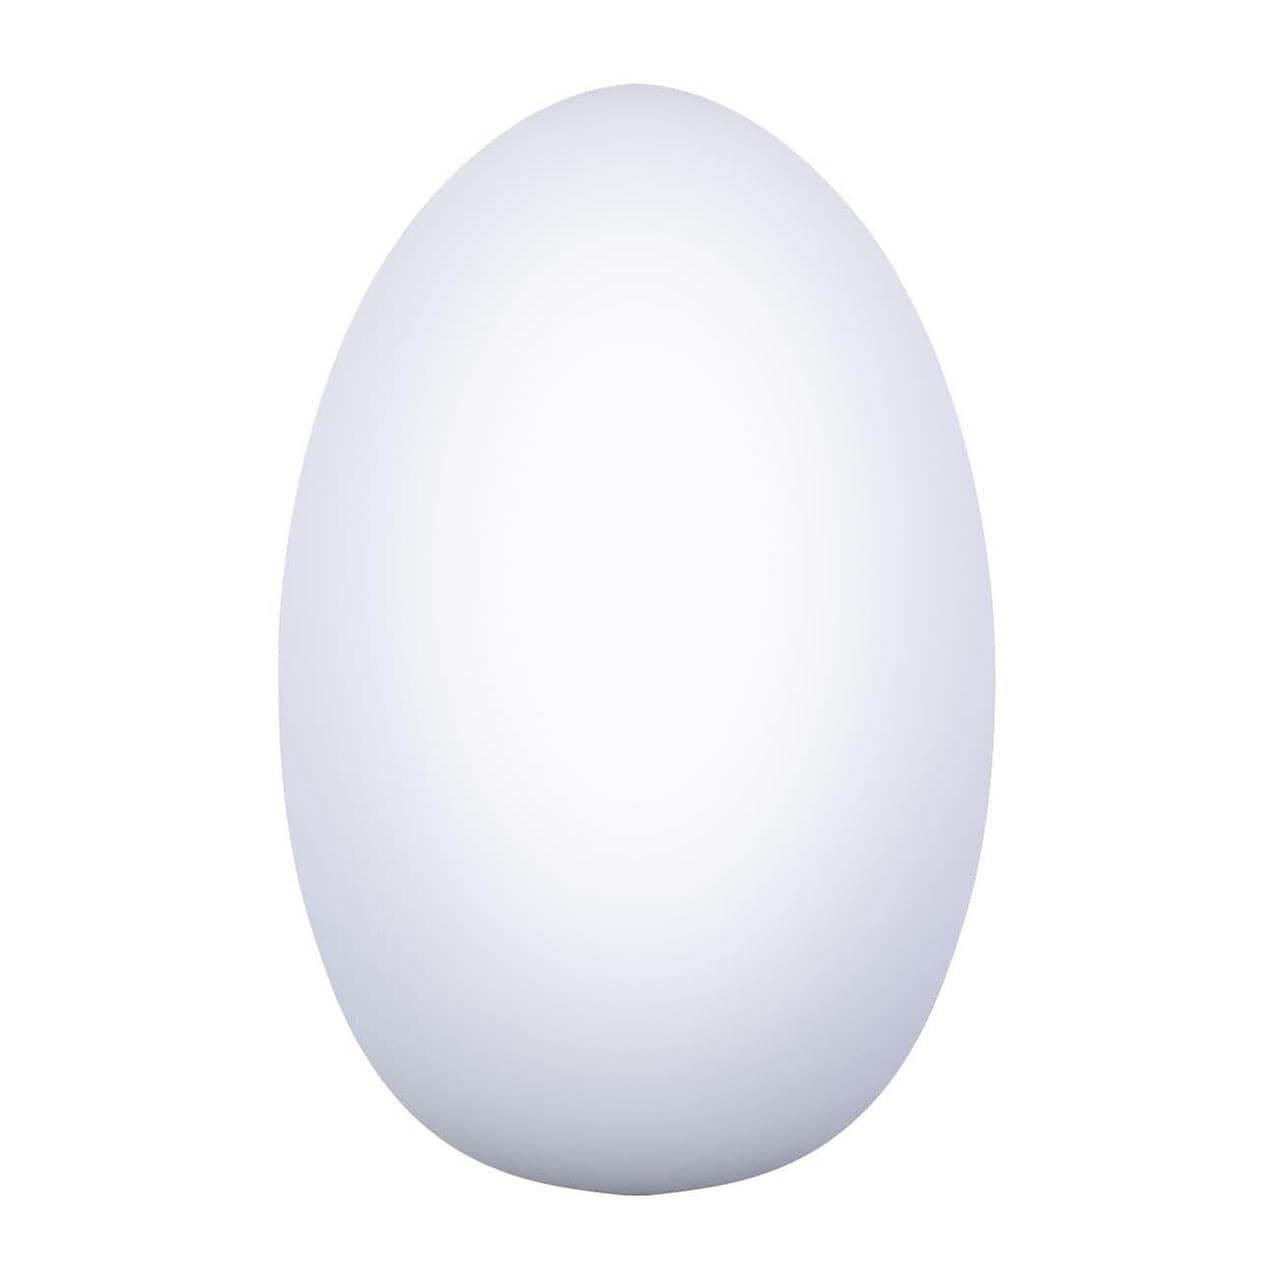 Светильник Uniel ULG-R003 019/RGB IP54 Egg ULV-R уличный светодиодный светильник ul 00003301 uniel ulg r001 020 rgb ip65 ball